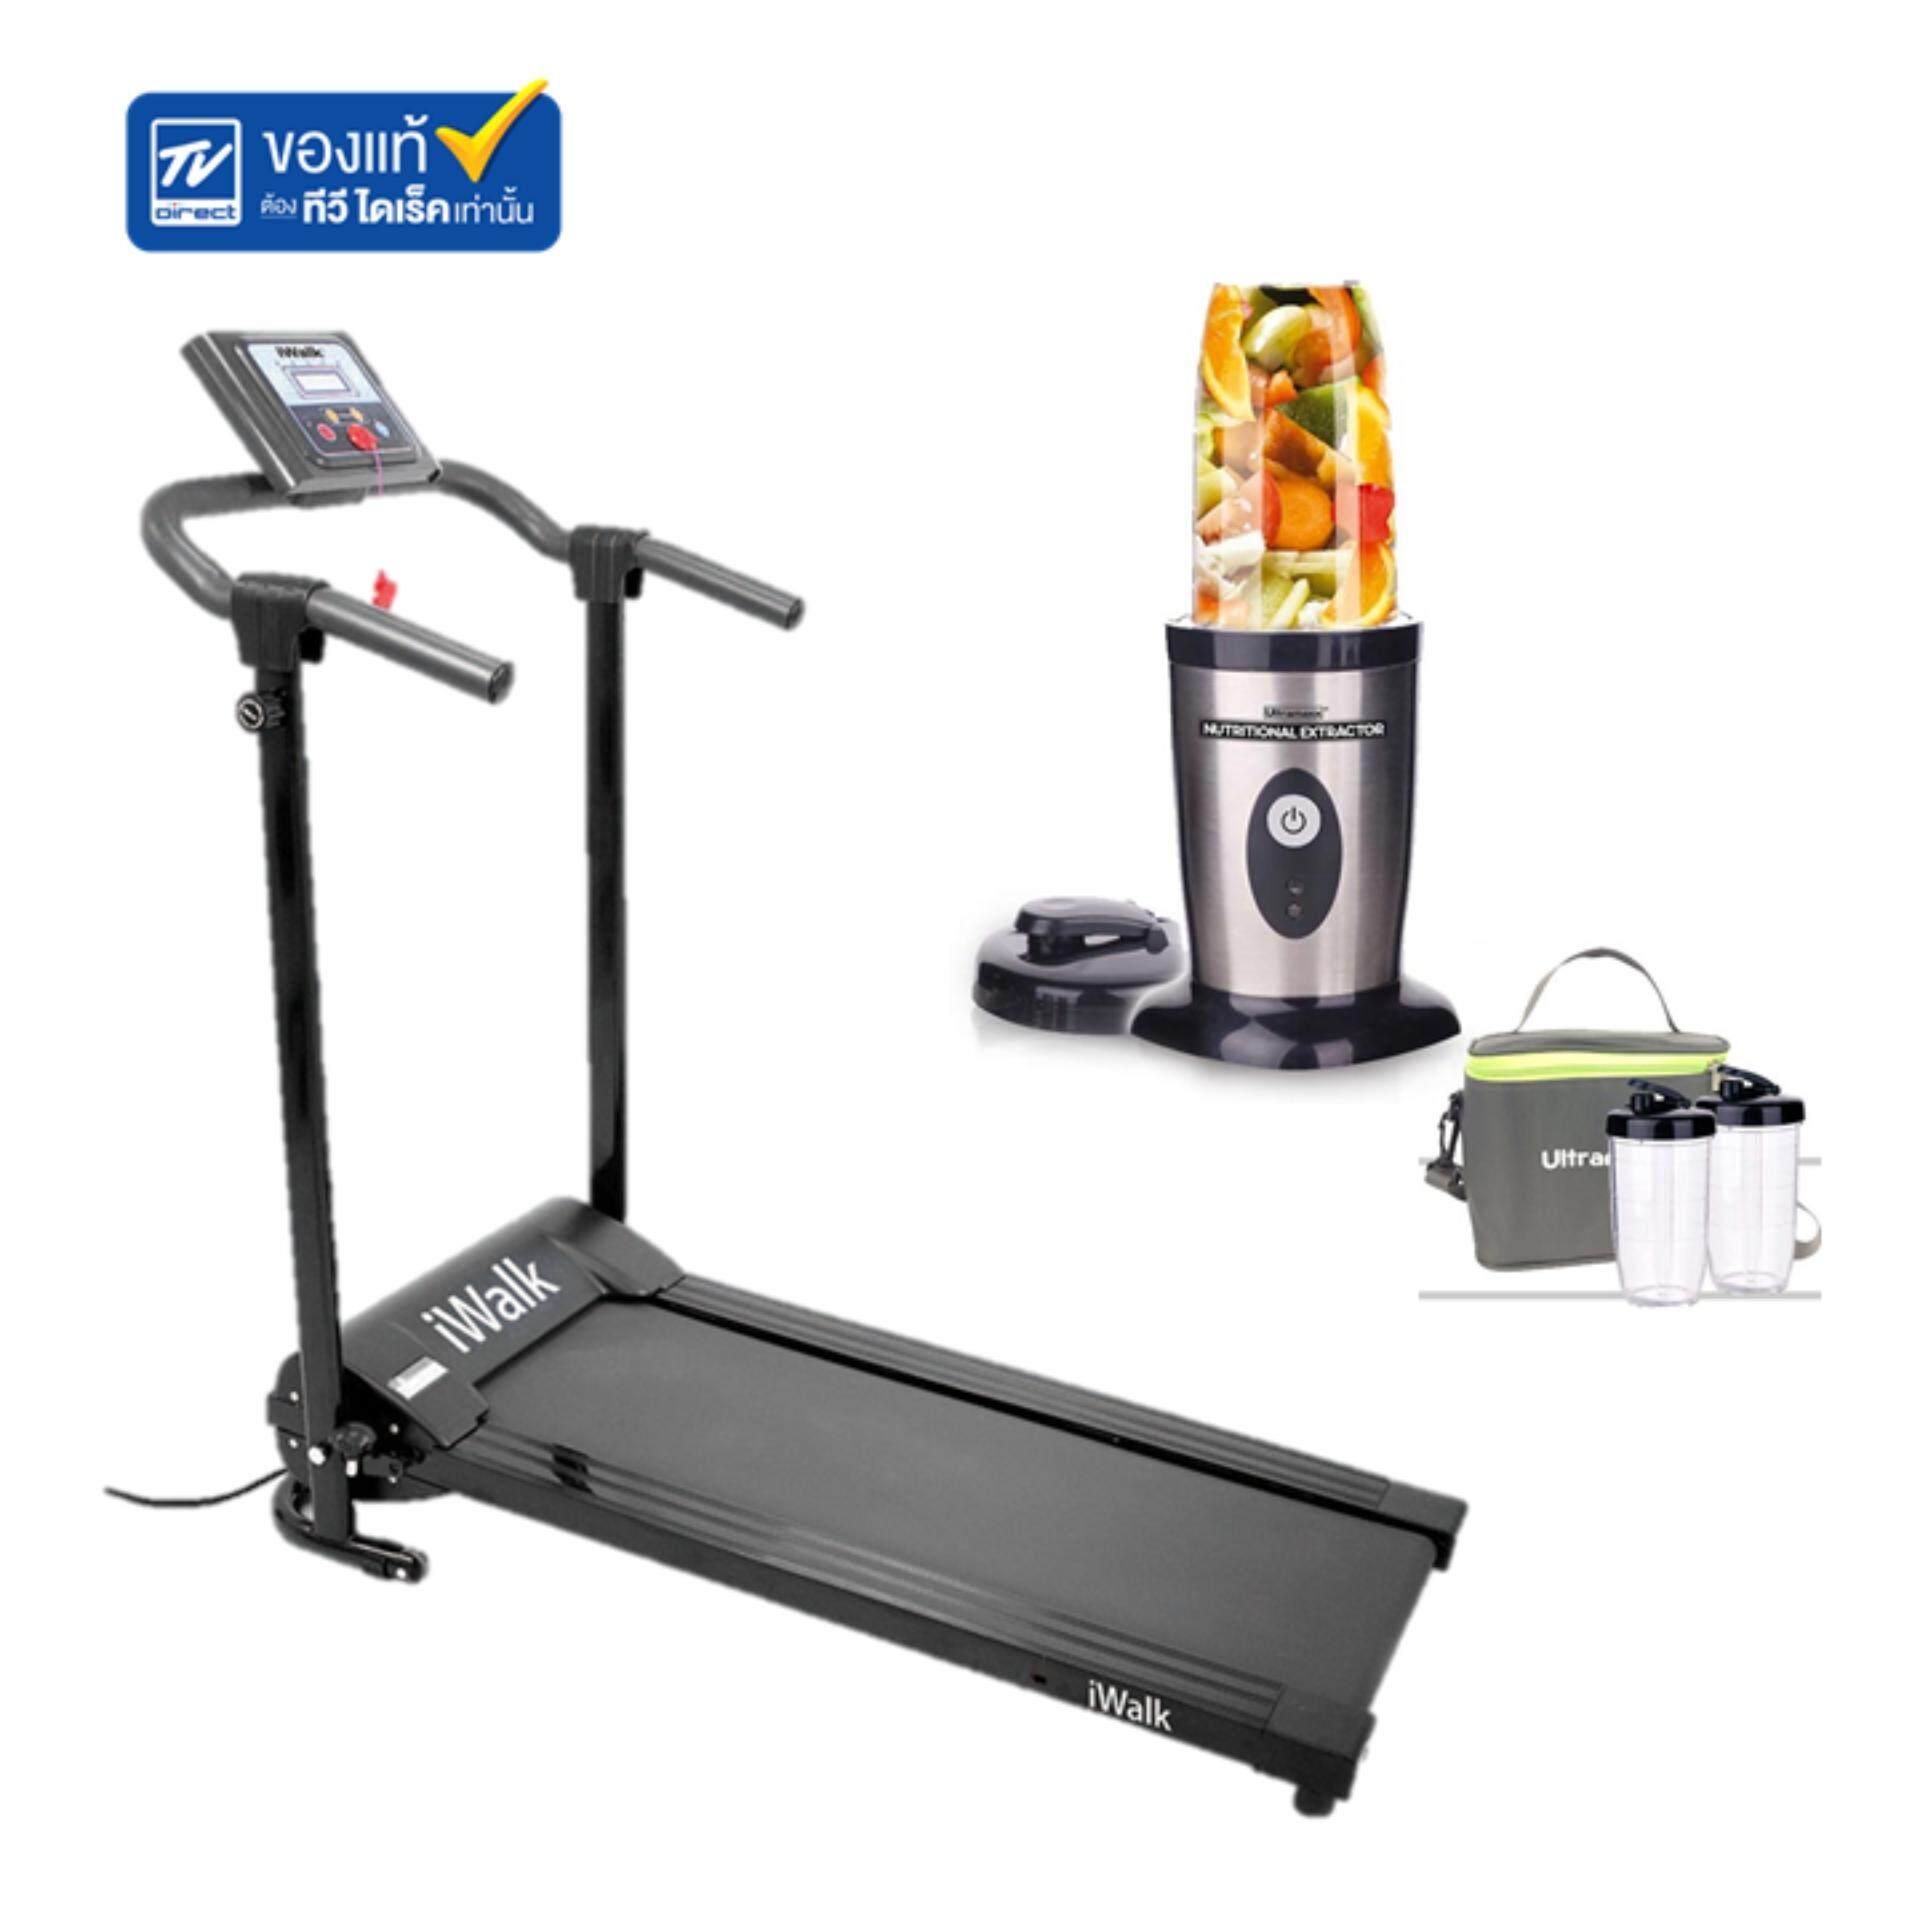 เก็บเงินปลายทางได้ TVDirect  I Walk Treadmill  E318Z Black e ลู่บริหาร สีดำ + Ultramaxx Nutritional Extractor เครื่องปั่นพลังสูง 1 Set